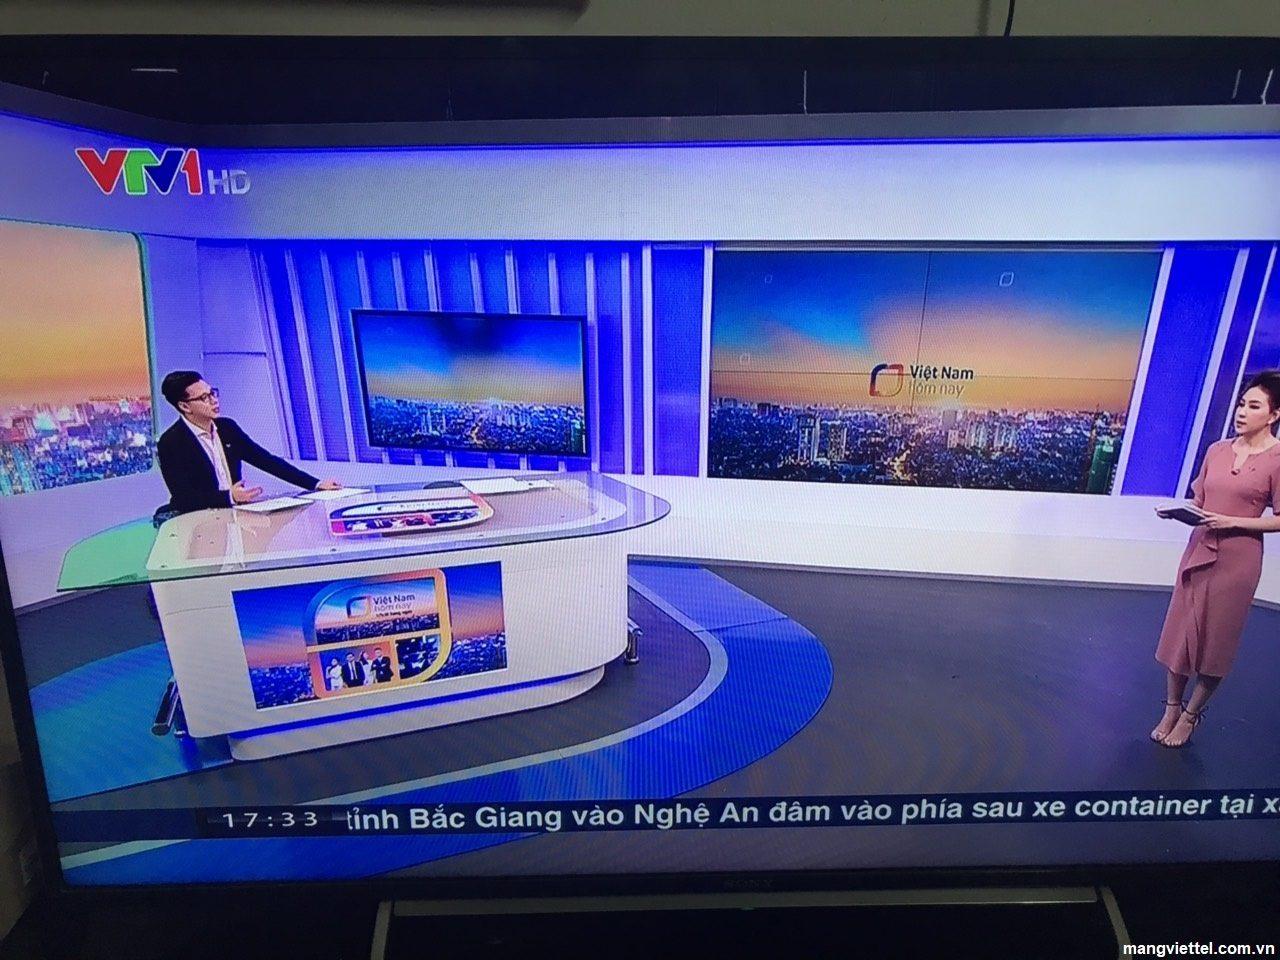 Danh sách kênh truyền hình Viettel - Cập nhật mới nhất